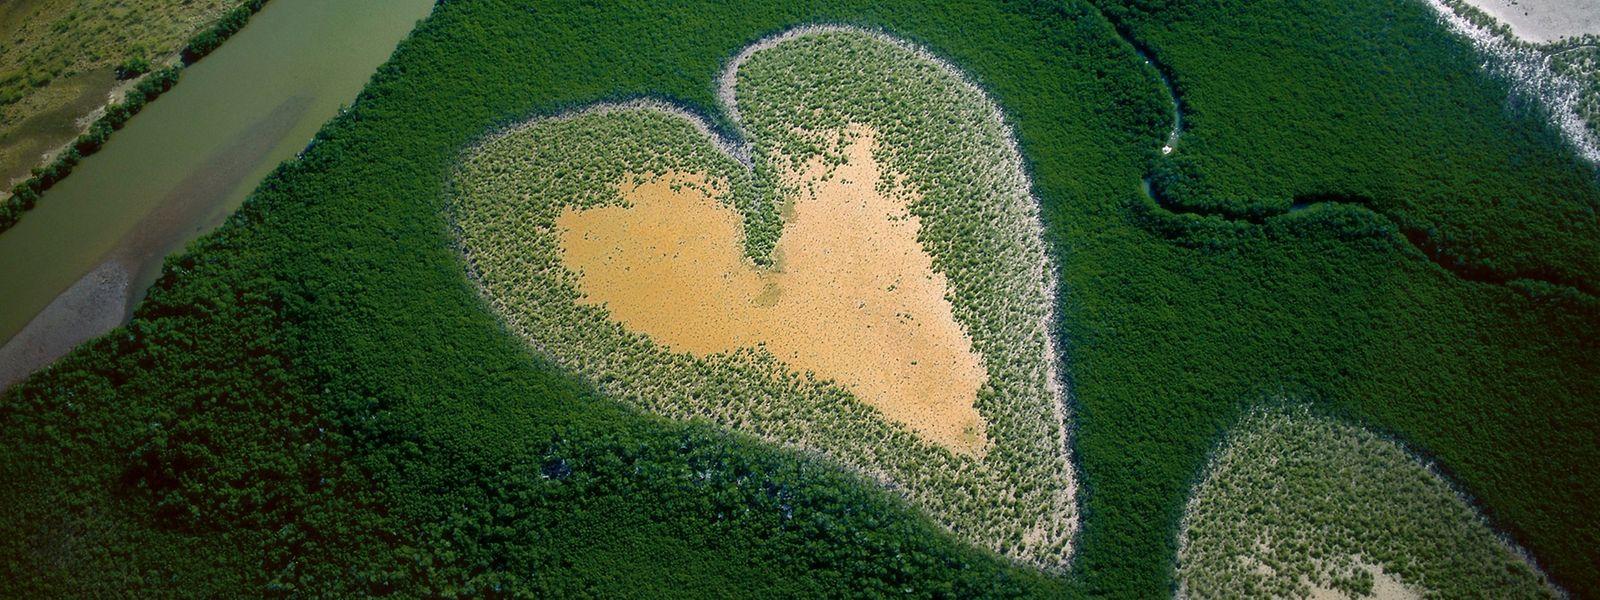 Herz von Voh, Neukaledonien, Frankreich: Mangroven besitzen aus dem Wasser ragende Wurzeln und wachsen auf tropischen Schlickböden, die dem Wechsel der Gezeiten ausgesetzt sind. Die empfindlichen Ökosysteme schwinden durch Raubbau, die Ausbreitung von Landwirtschaft und menschliche Siedlungen.